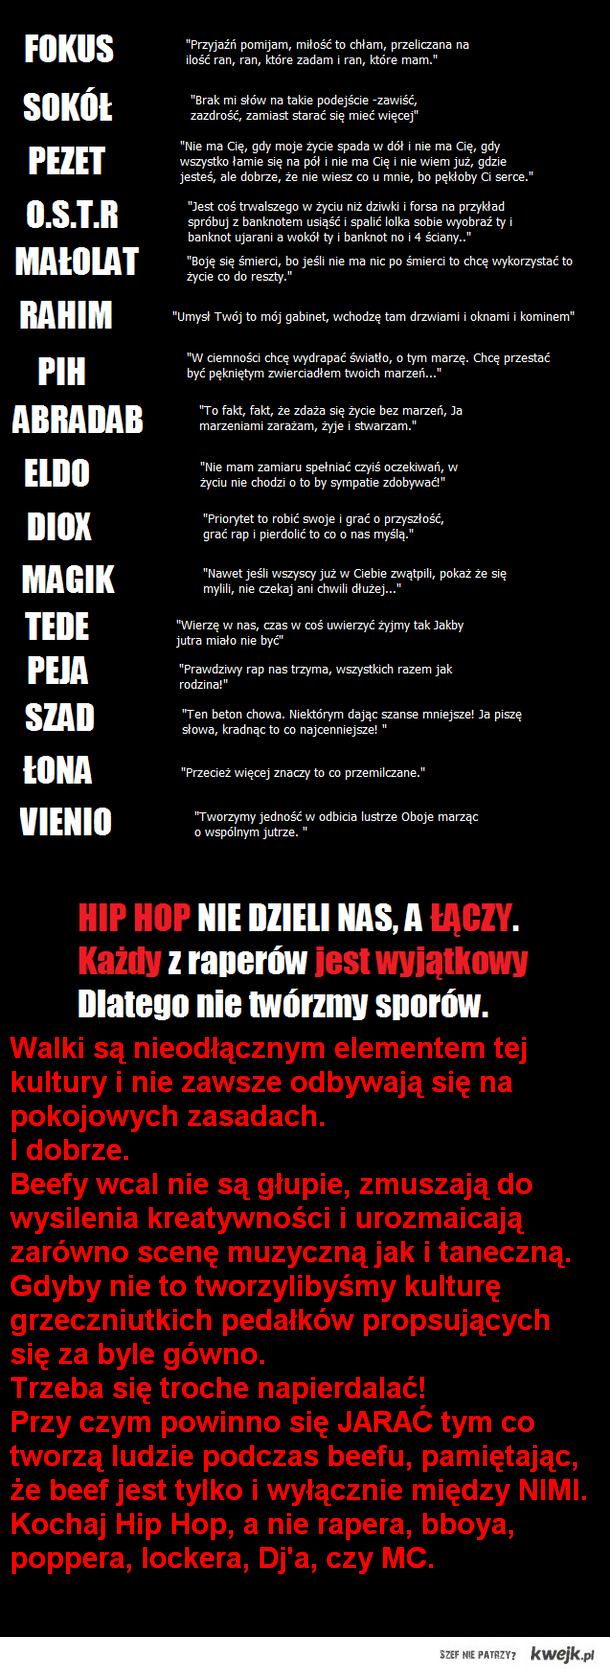 G-style DZIFKO!